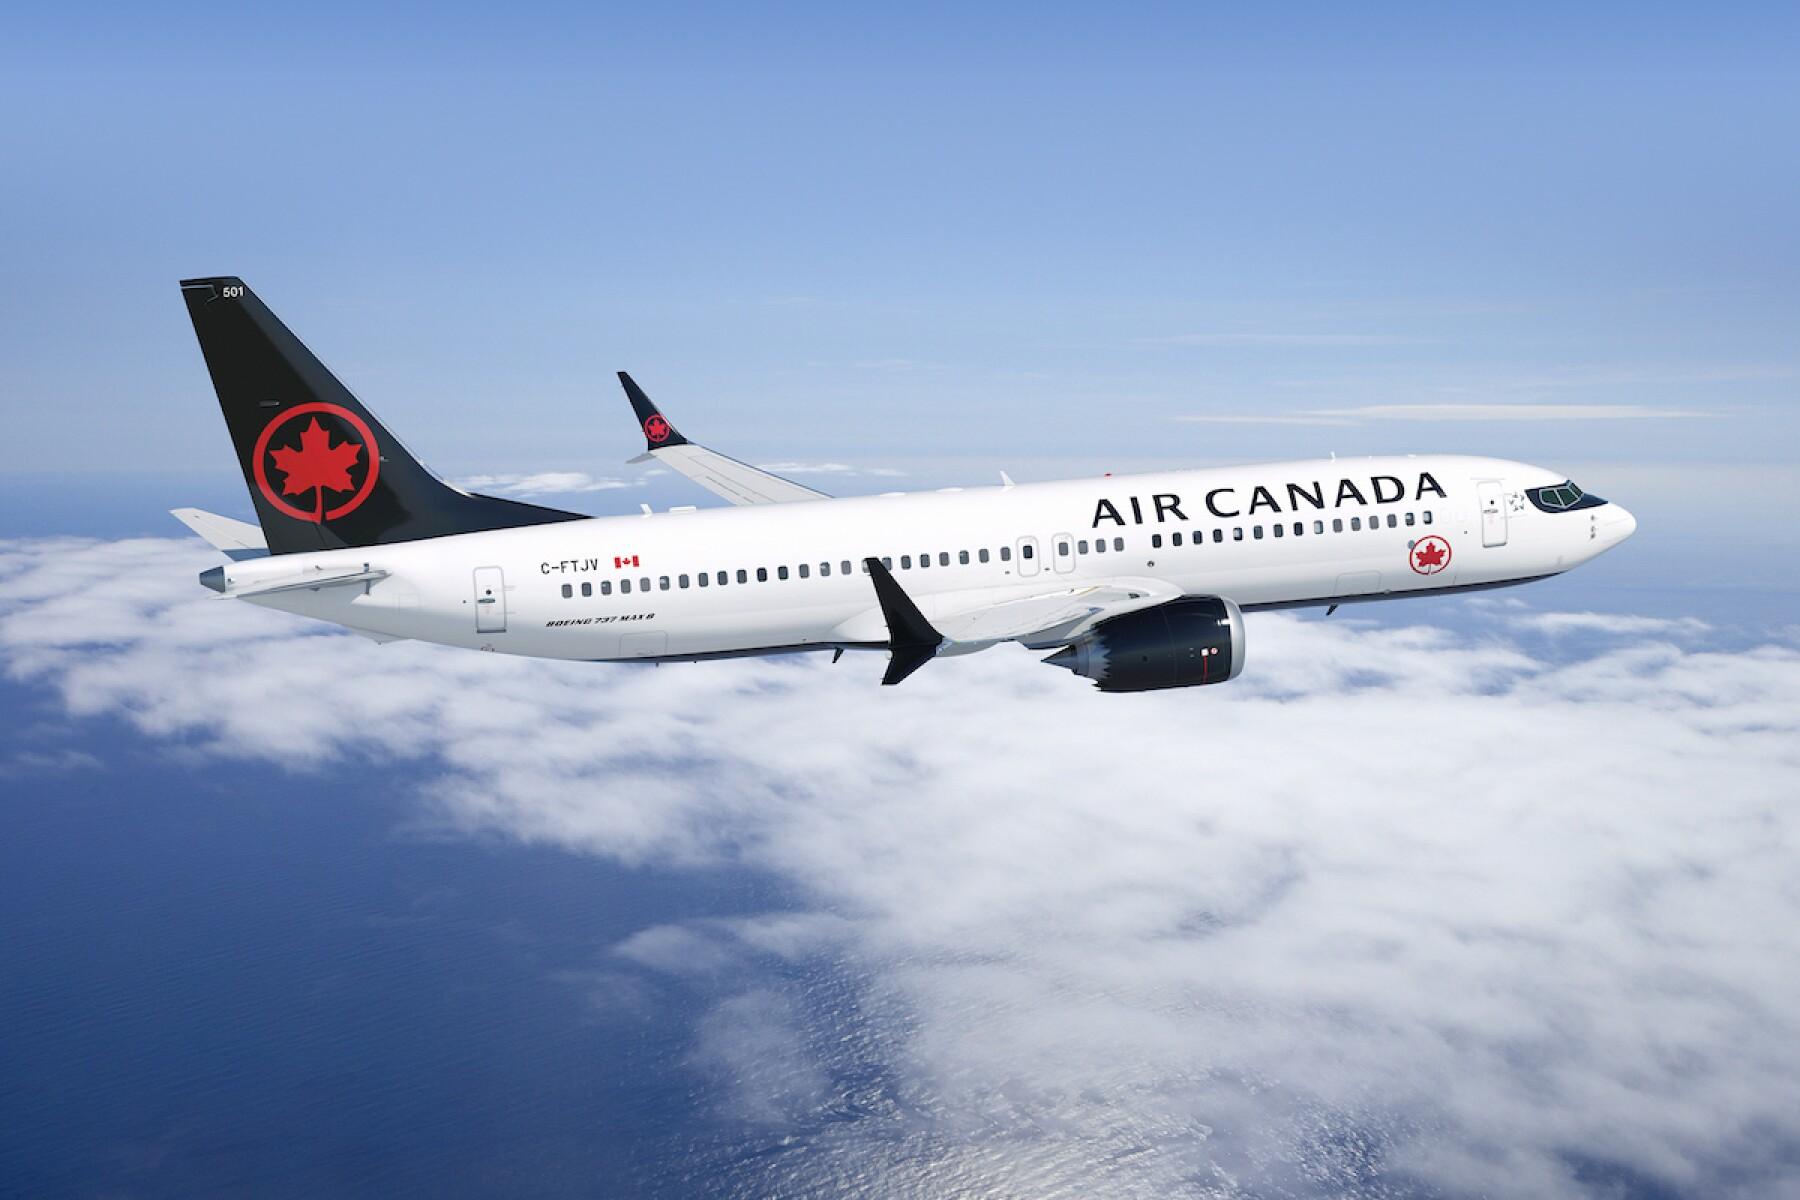 La crisis del 737 MAX limita el crecimiento de Air Canada en México